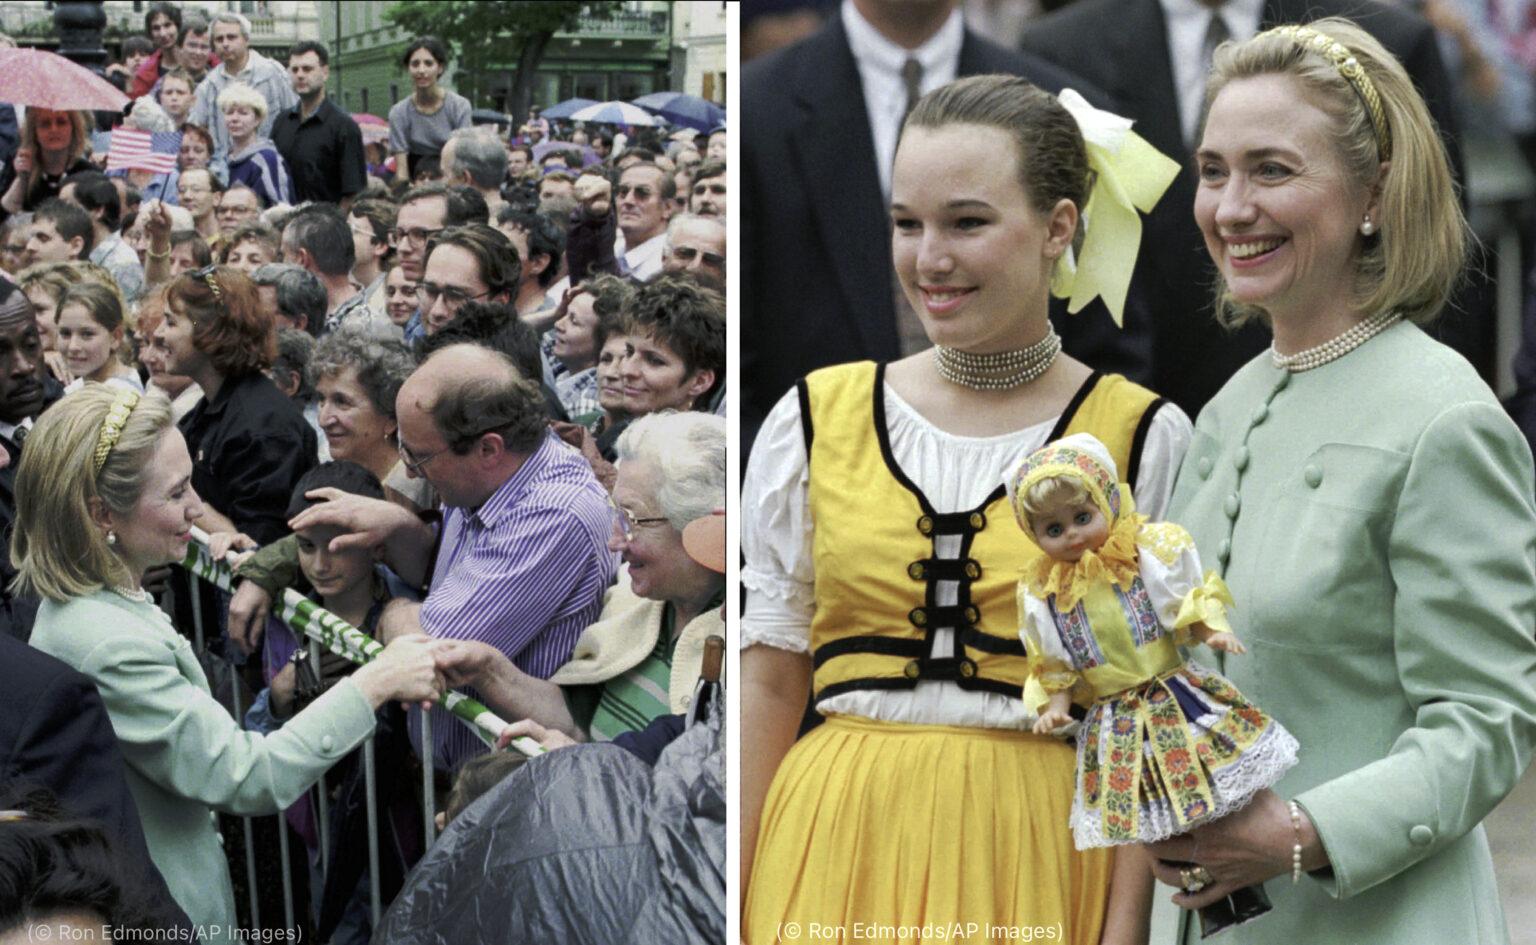 Fotografia naľavo: Hillary Rodhamová Clintonová sa zhovára so zástupom ľudí (© Ron Edmonds/AP Images) Fotografia napravo: Hillary Rodhamová Clintonová drží bábiku ľudovej tanečnice v slovenskom kroji